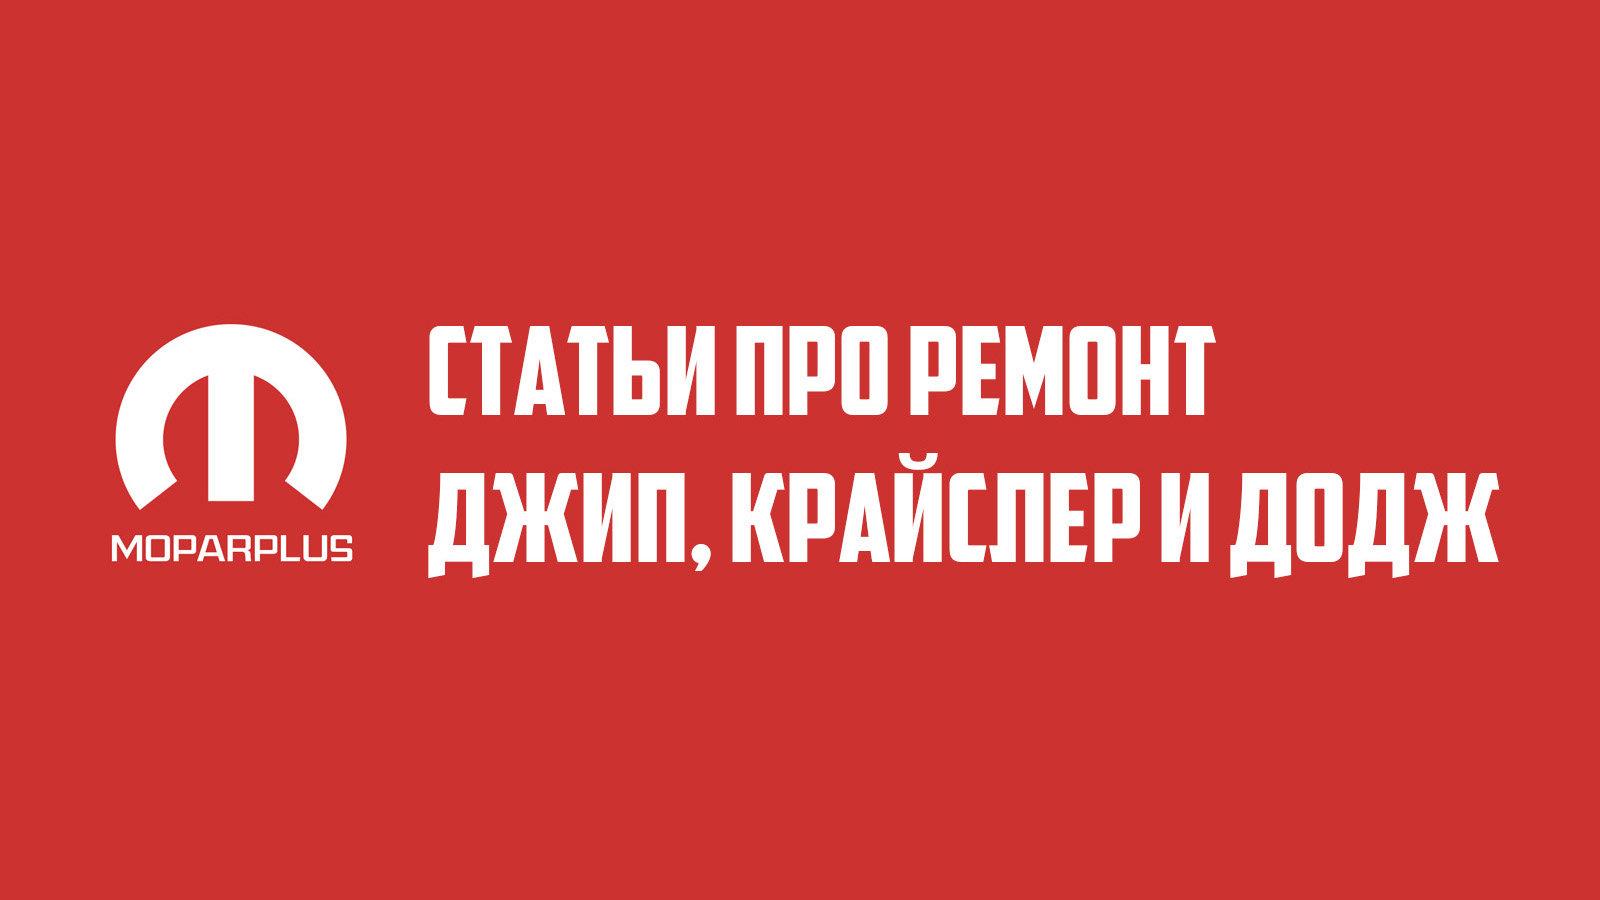 Статьи про ремонт. Выпуск №61.